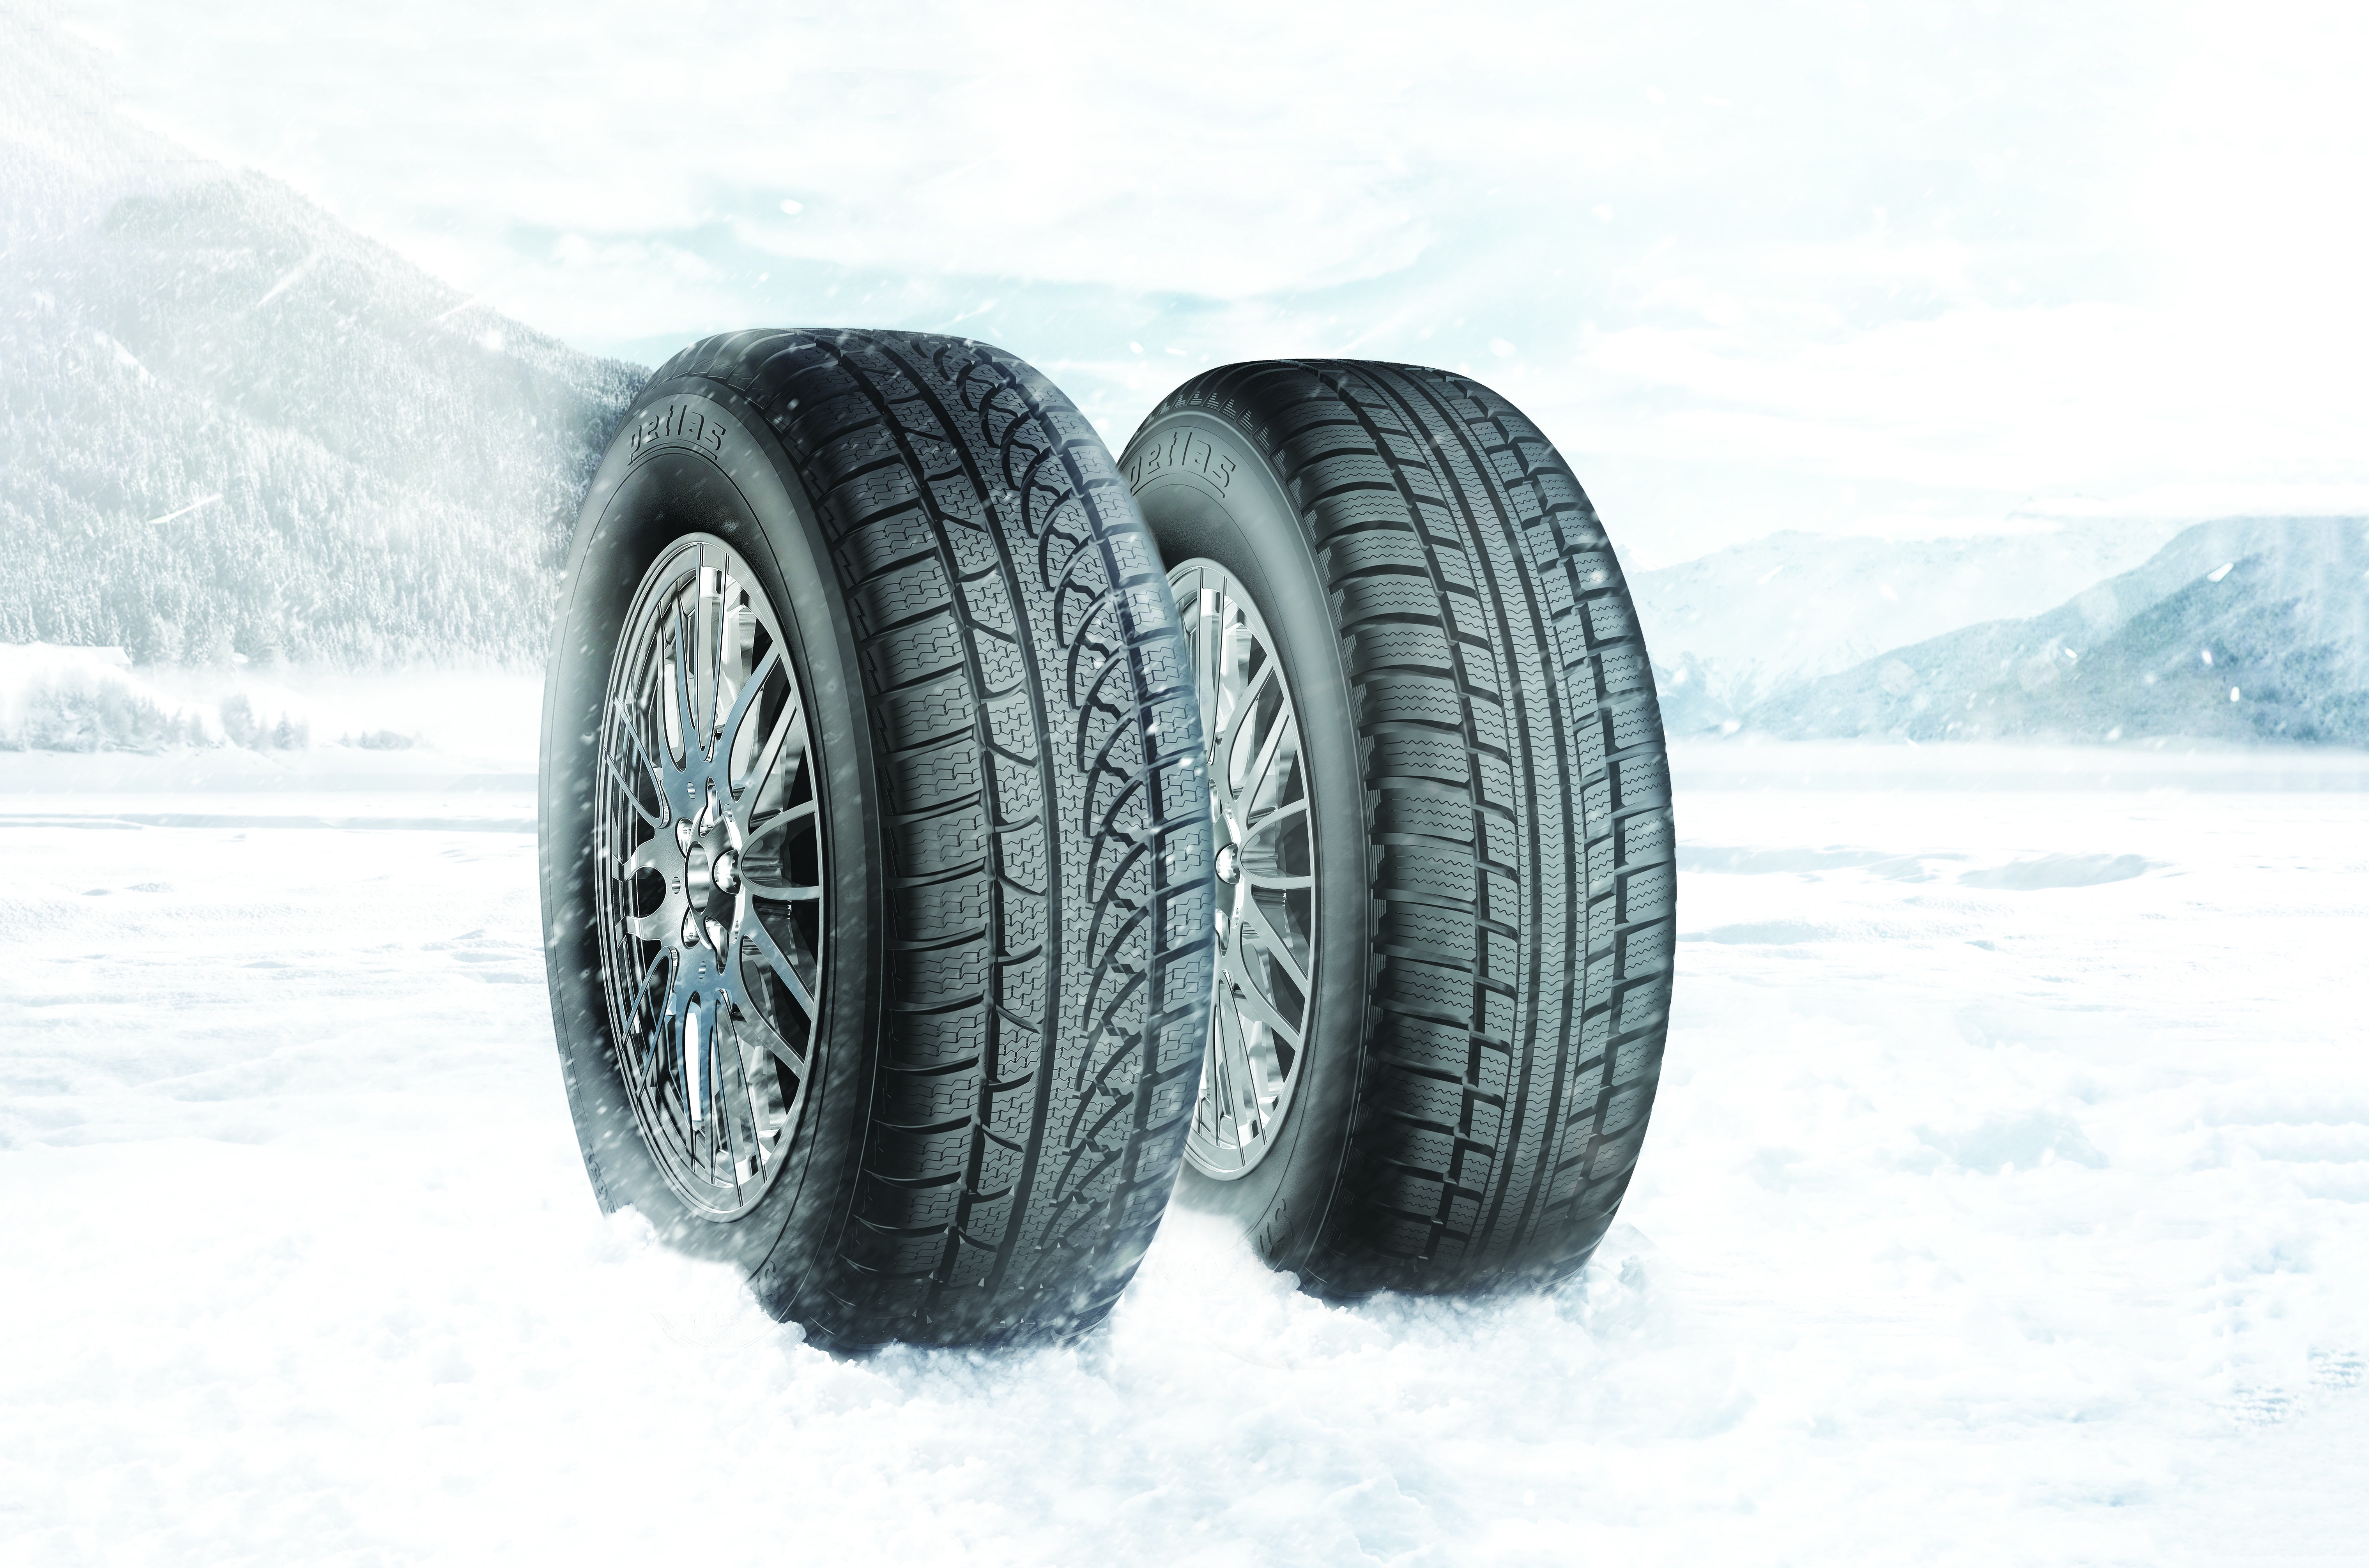 Petlas veya Starmaxx kış lastiklerini tercih edenler, Petlas ile Mercedes – Benz GLA 200 veya Starmaxx ile Mazda MX-5 Power kazanma şansına sahip oluyor.